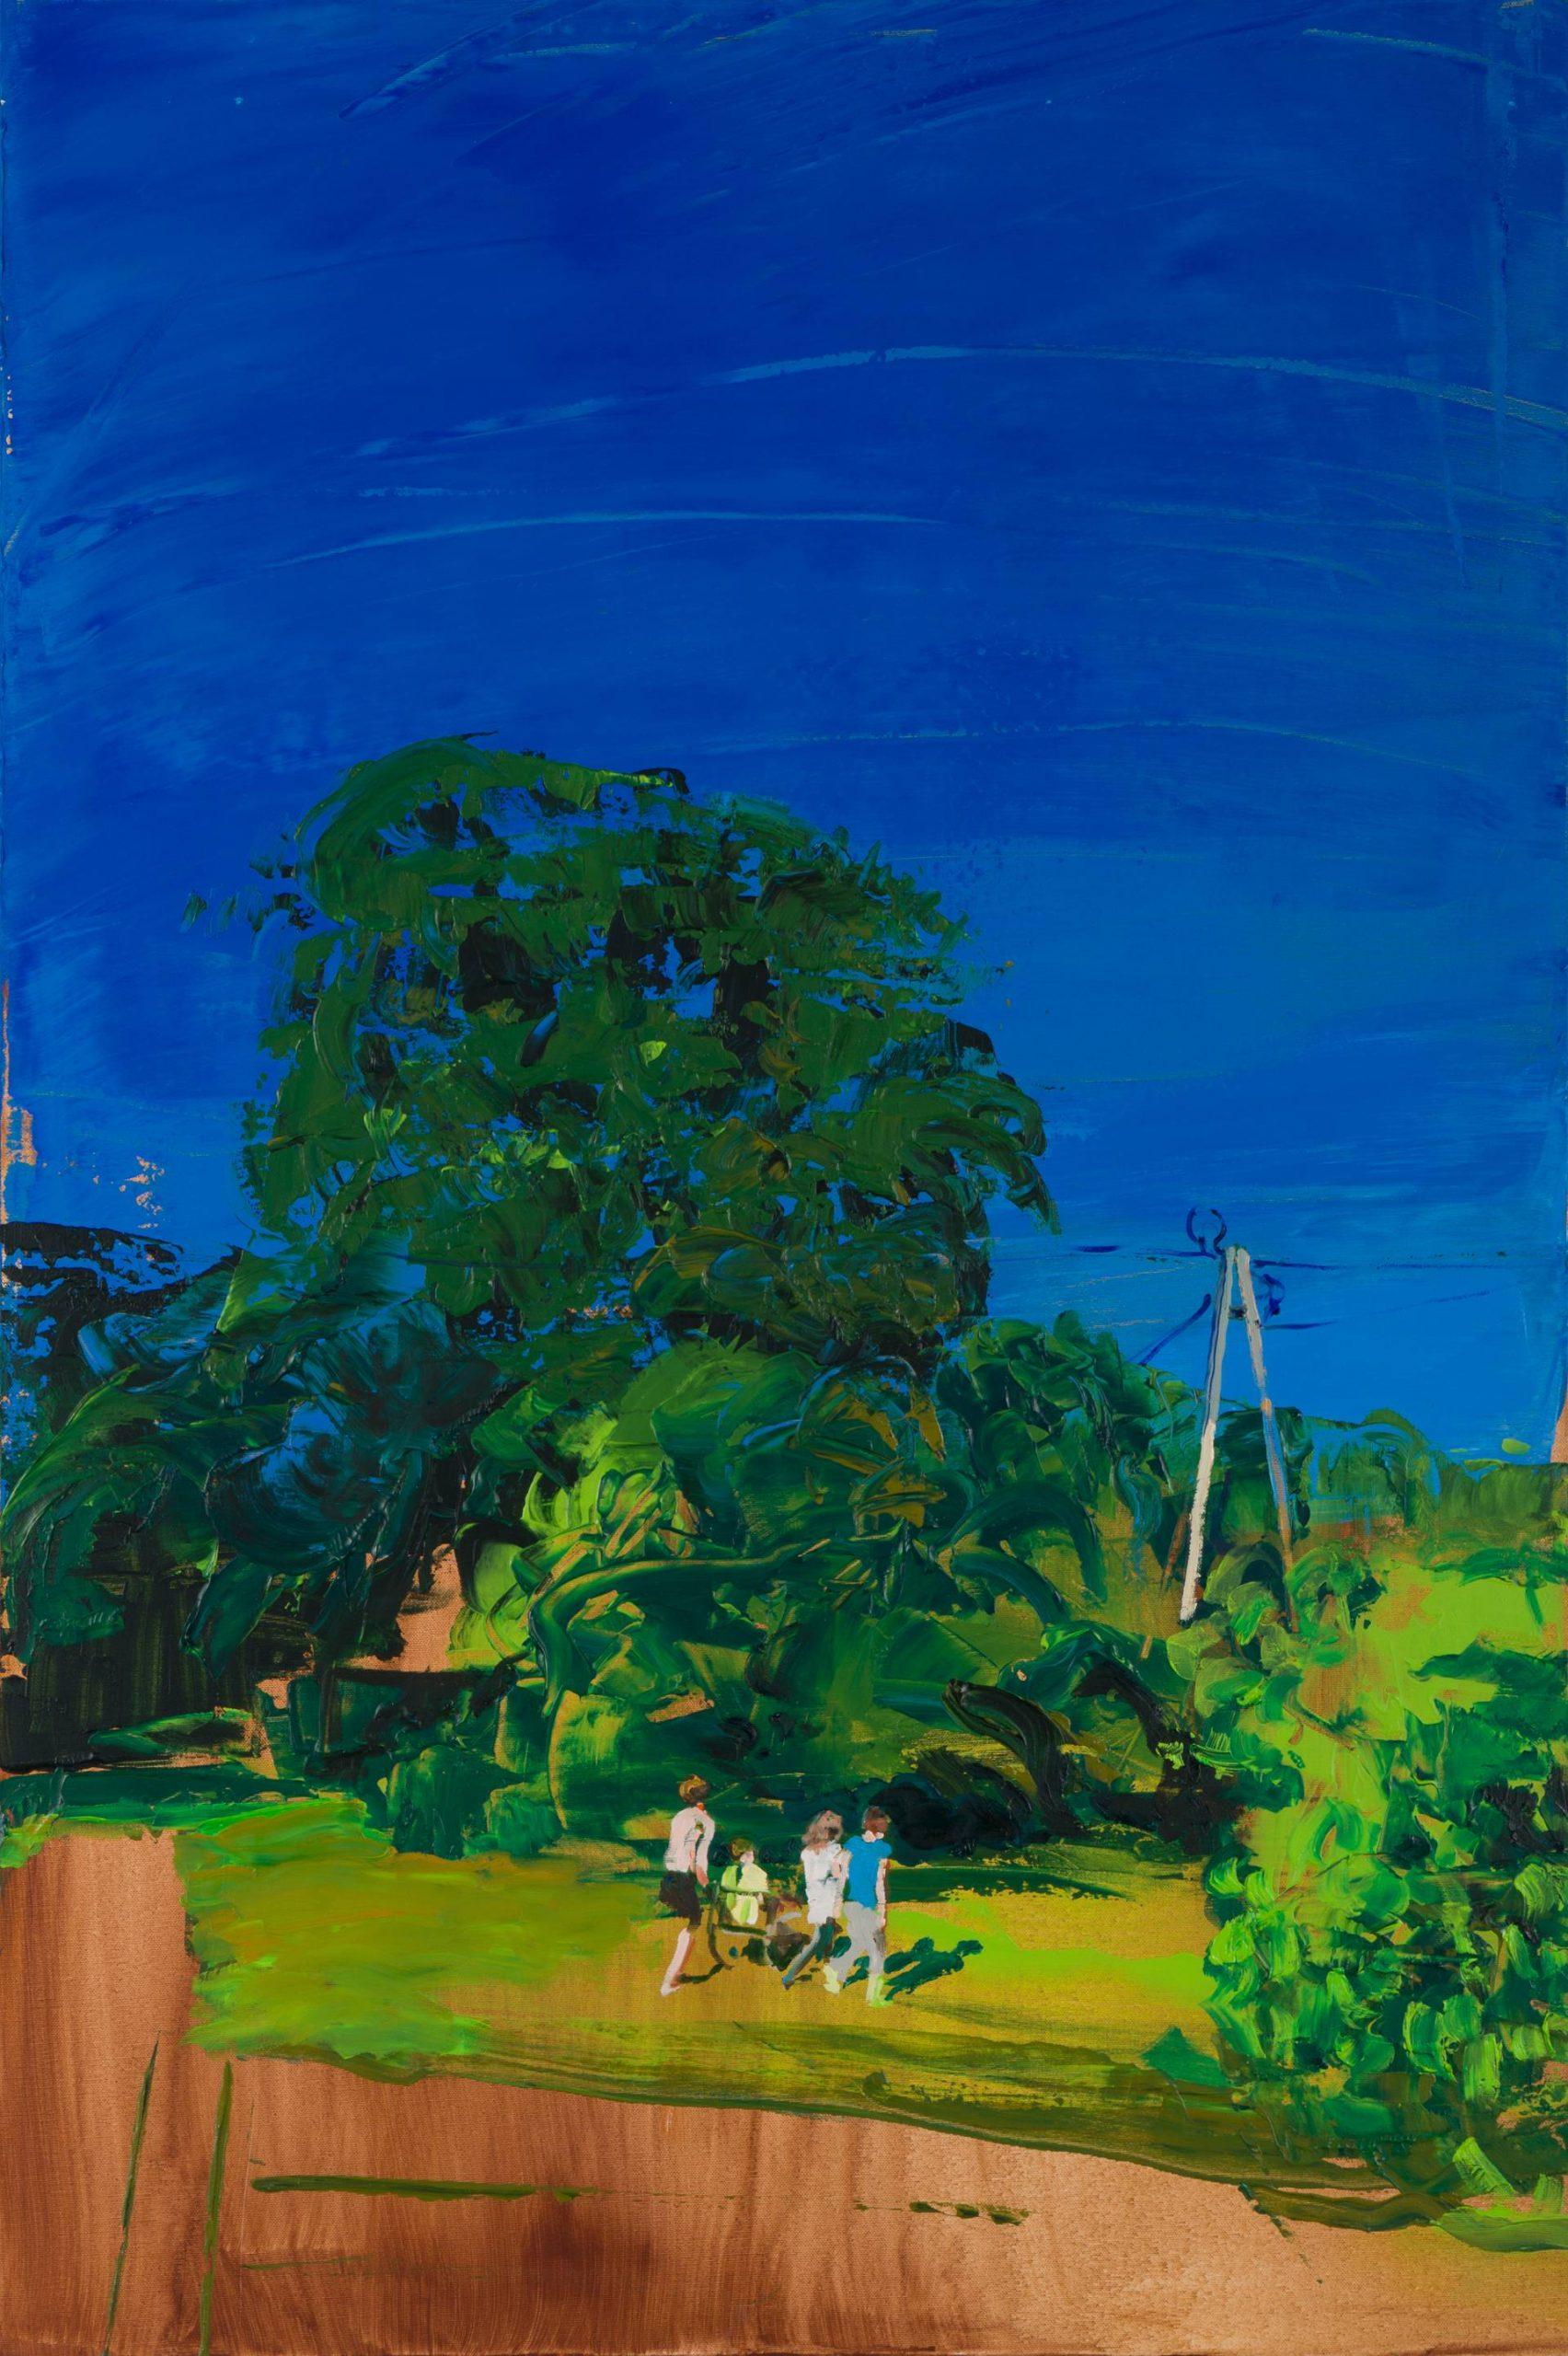 Lipowica; Painting by Grazyna Smalej